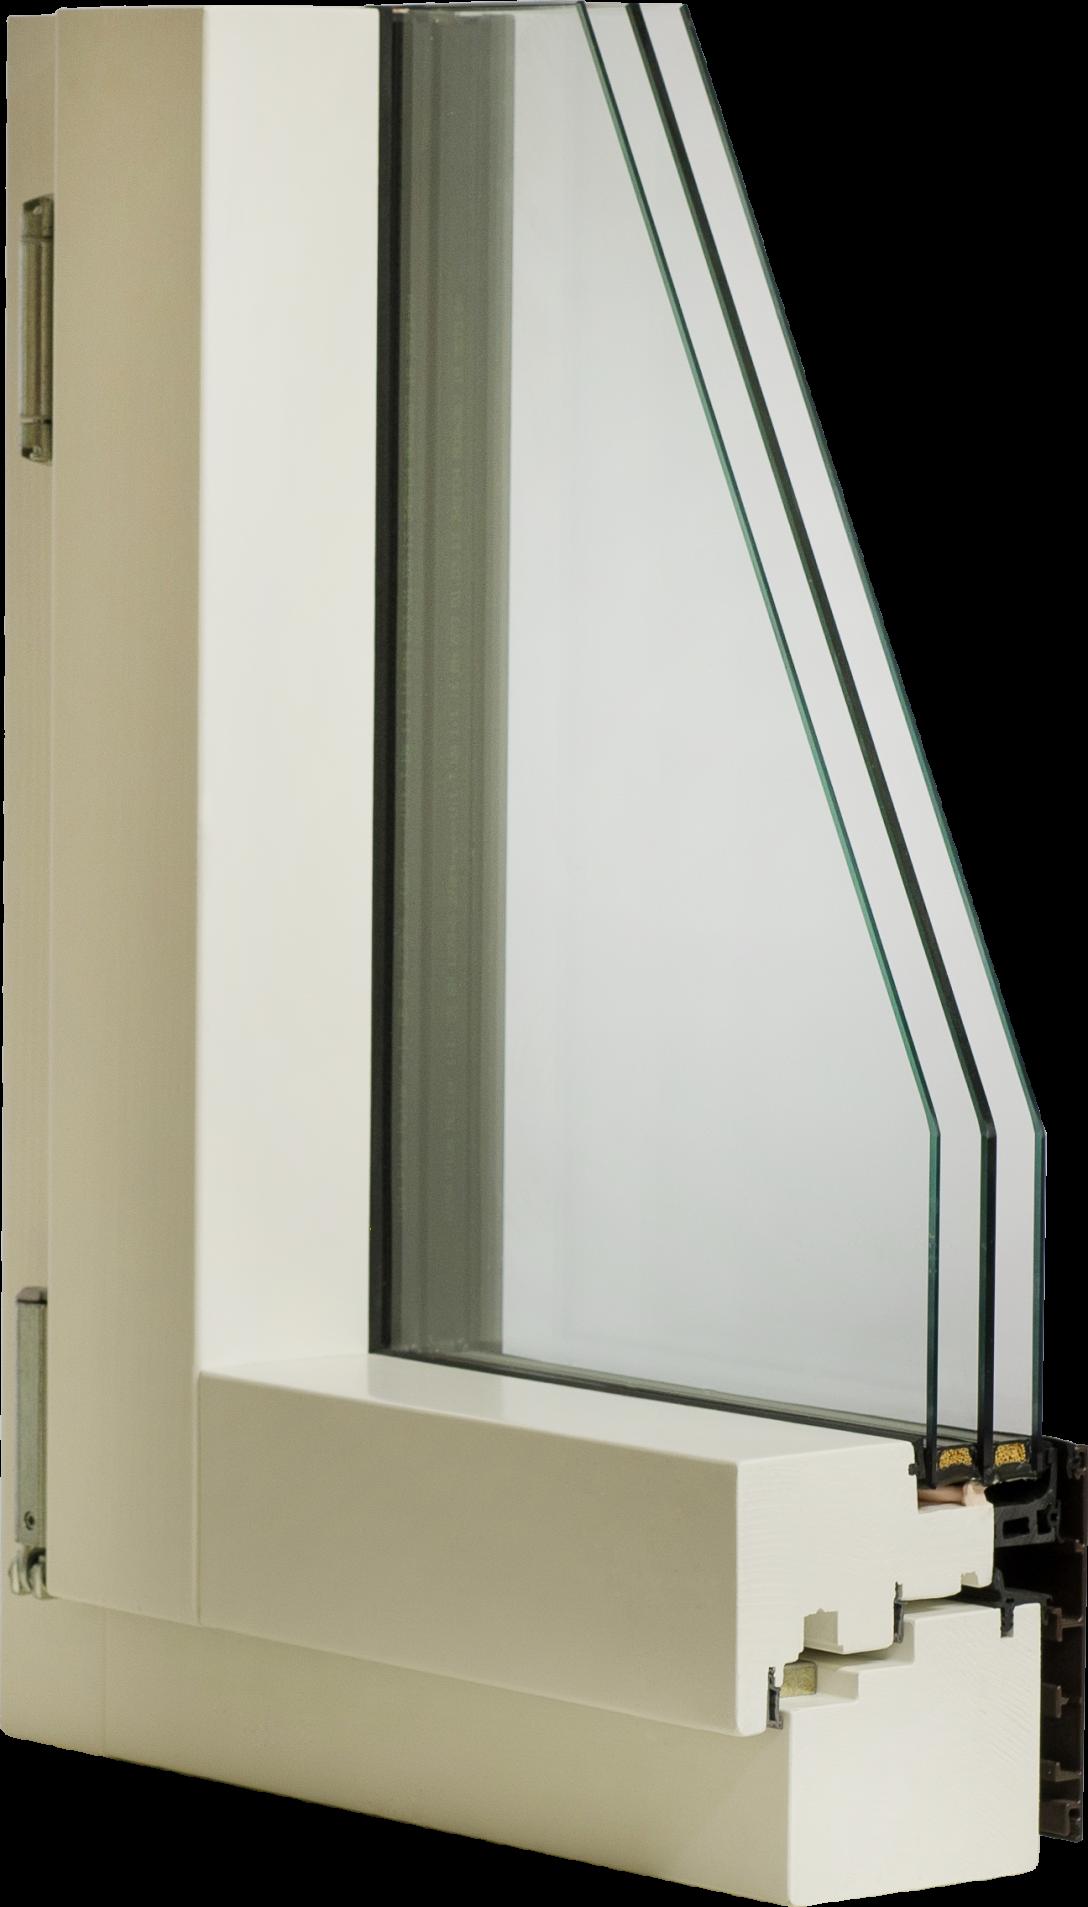 Large Size of Fenster Holz Alu Mit 3 Fach Verglasung Ohne Rahmen Aco Marken Schüco Online Standardmaße Einbruchschutz Nachrüsten Esstisch Massivholz Ausziehbar Fenster Fenster Holz Alu